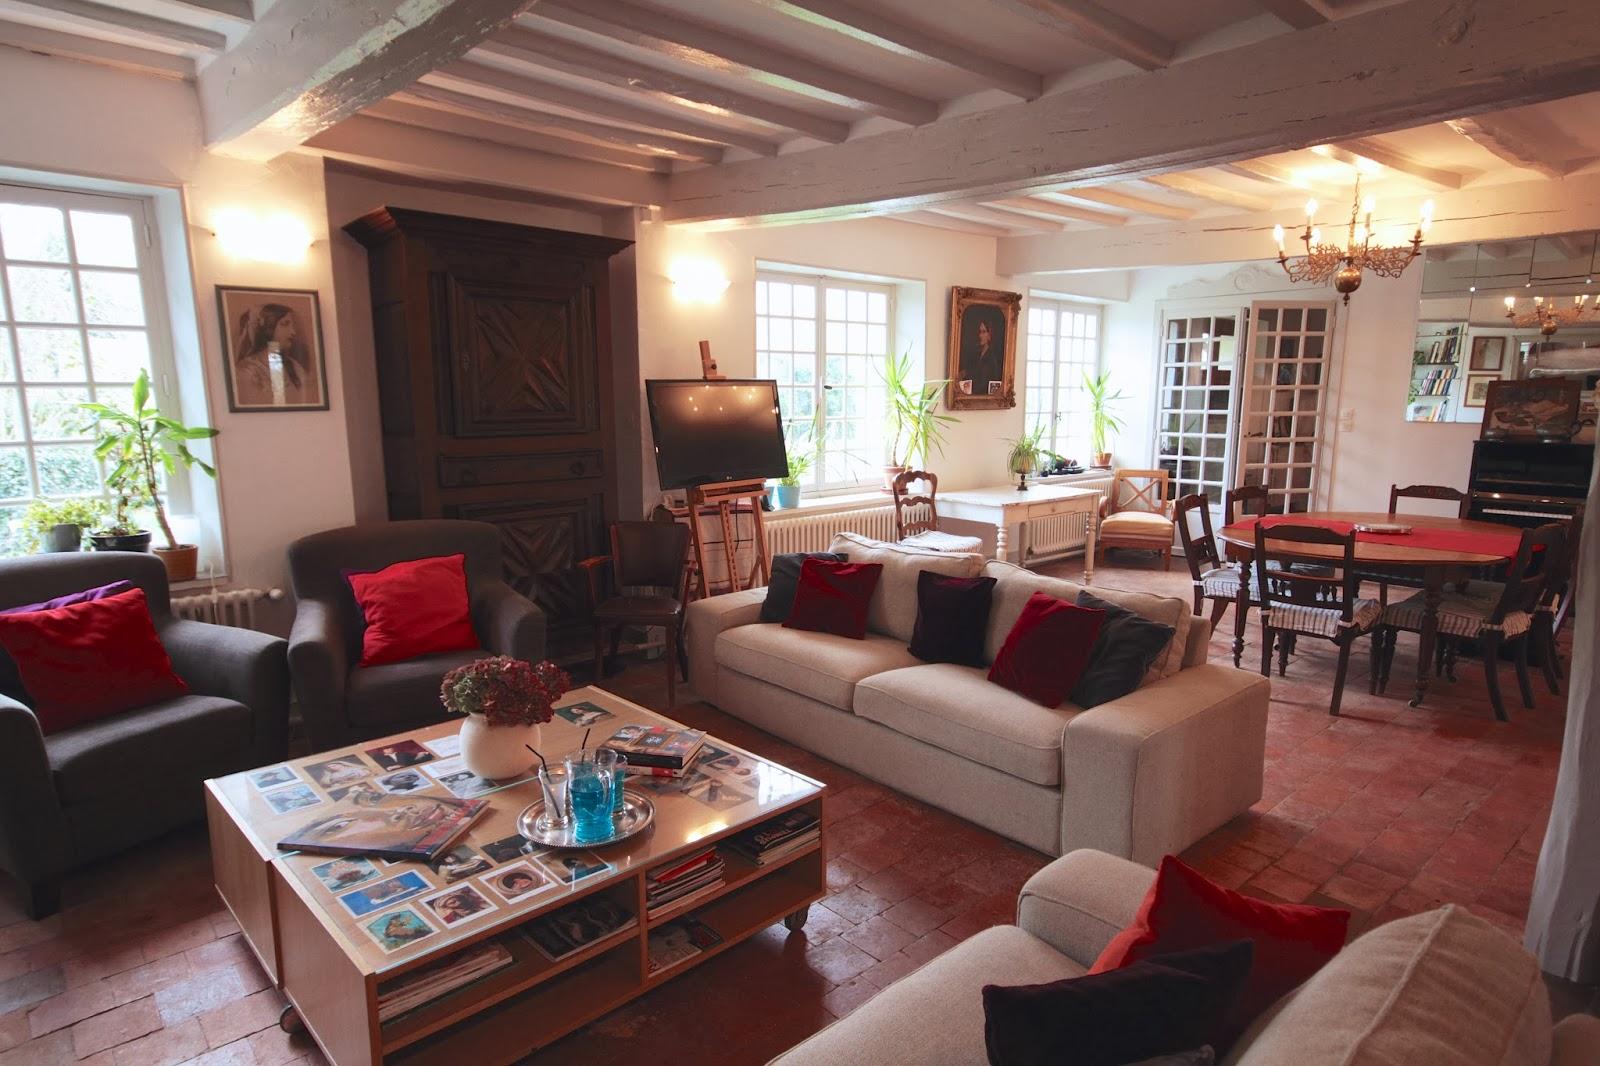 La maison d 39 h l ne mars 2014 le salon se refait une beaut for Le salon d helene